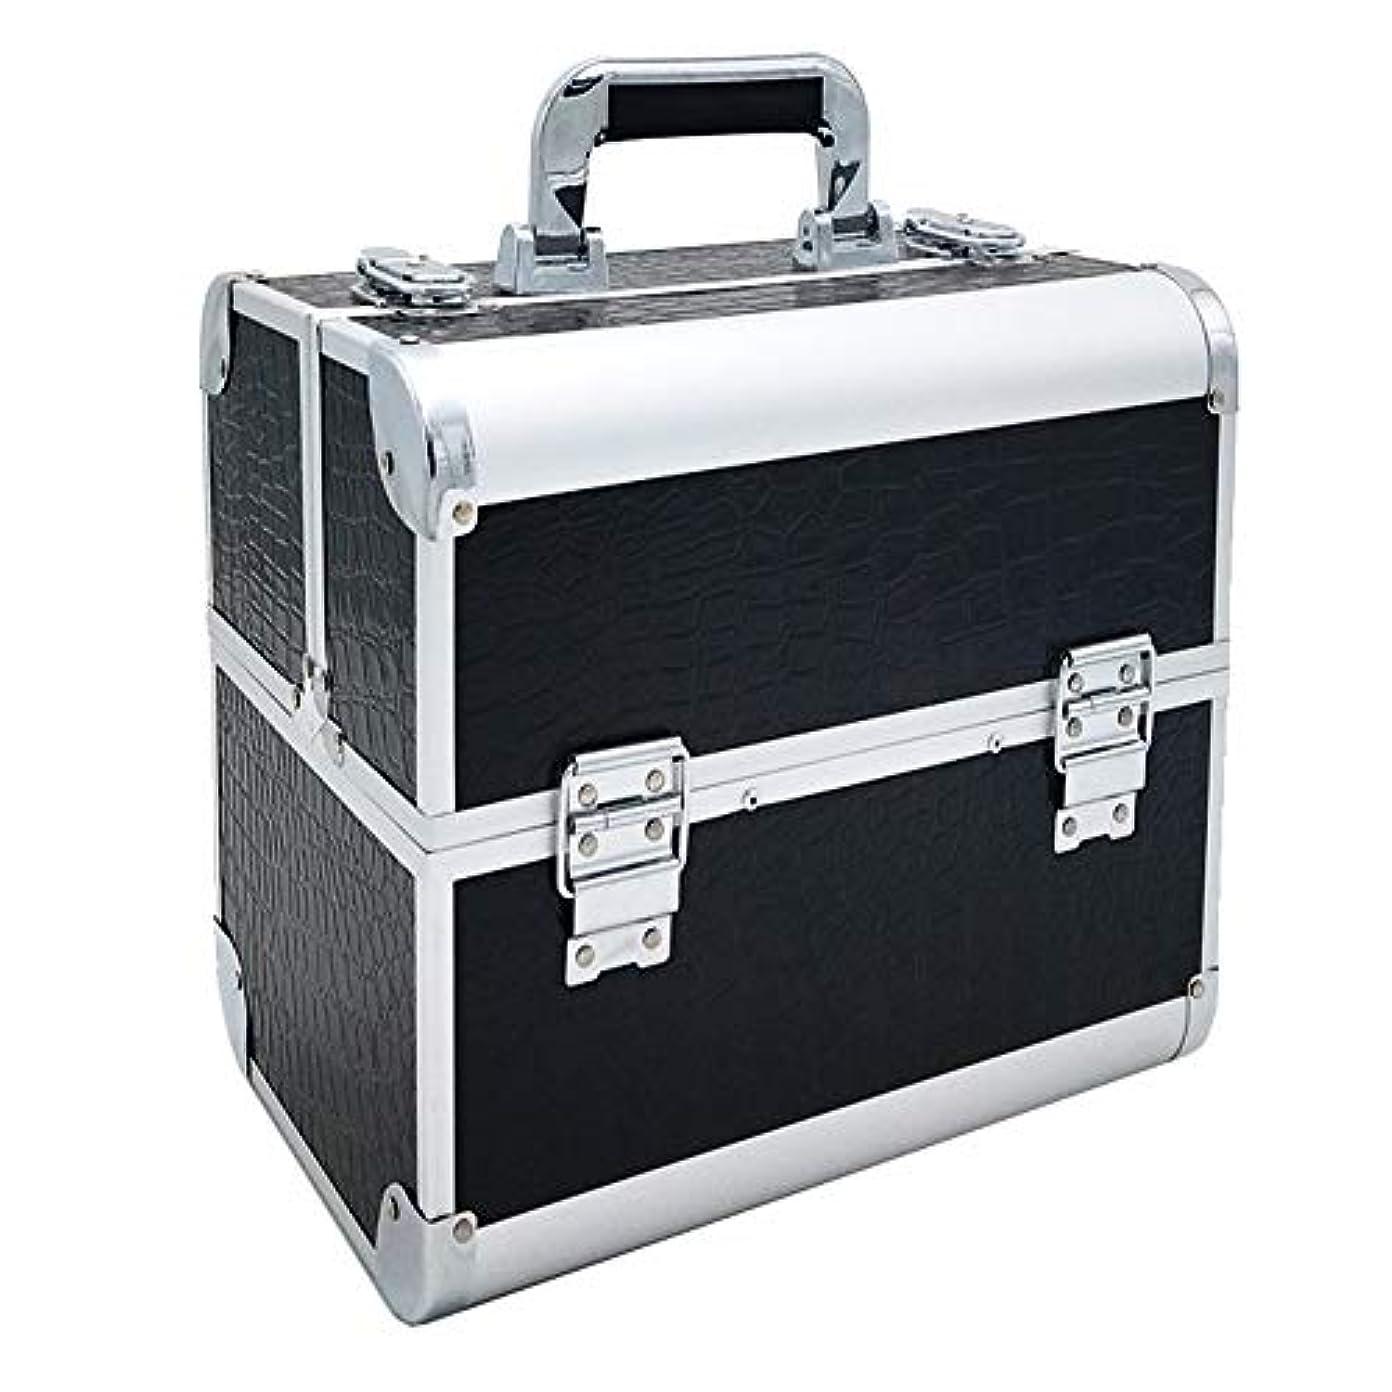 サラミ明らかにする規制化粧オーガナイザーバッグ ポータブルプロフェッショナル旅行メイクアップバッグパターンメイクアップアーティストケーストレインボックス化粧品オーガナイザー収納 化粧品ケース